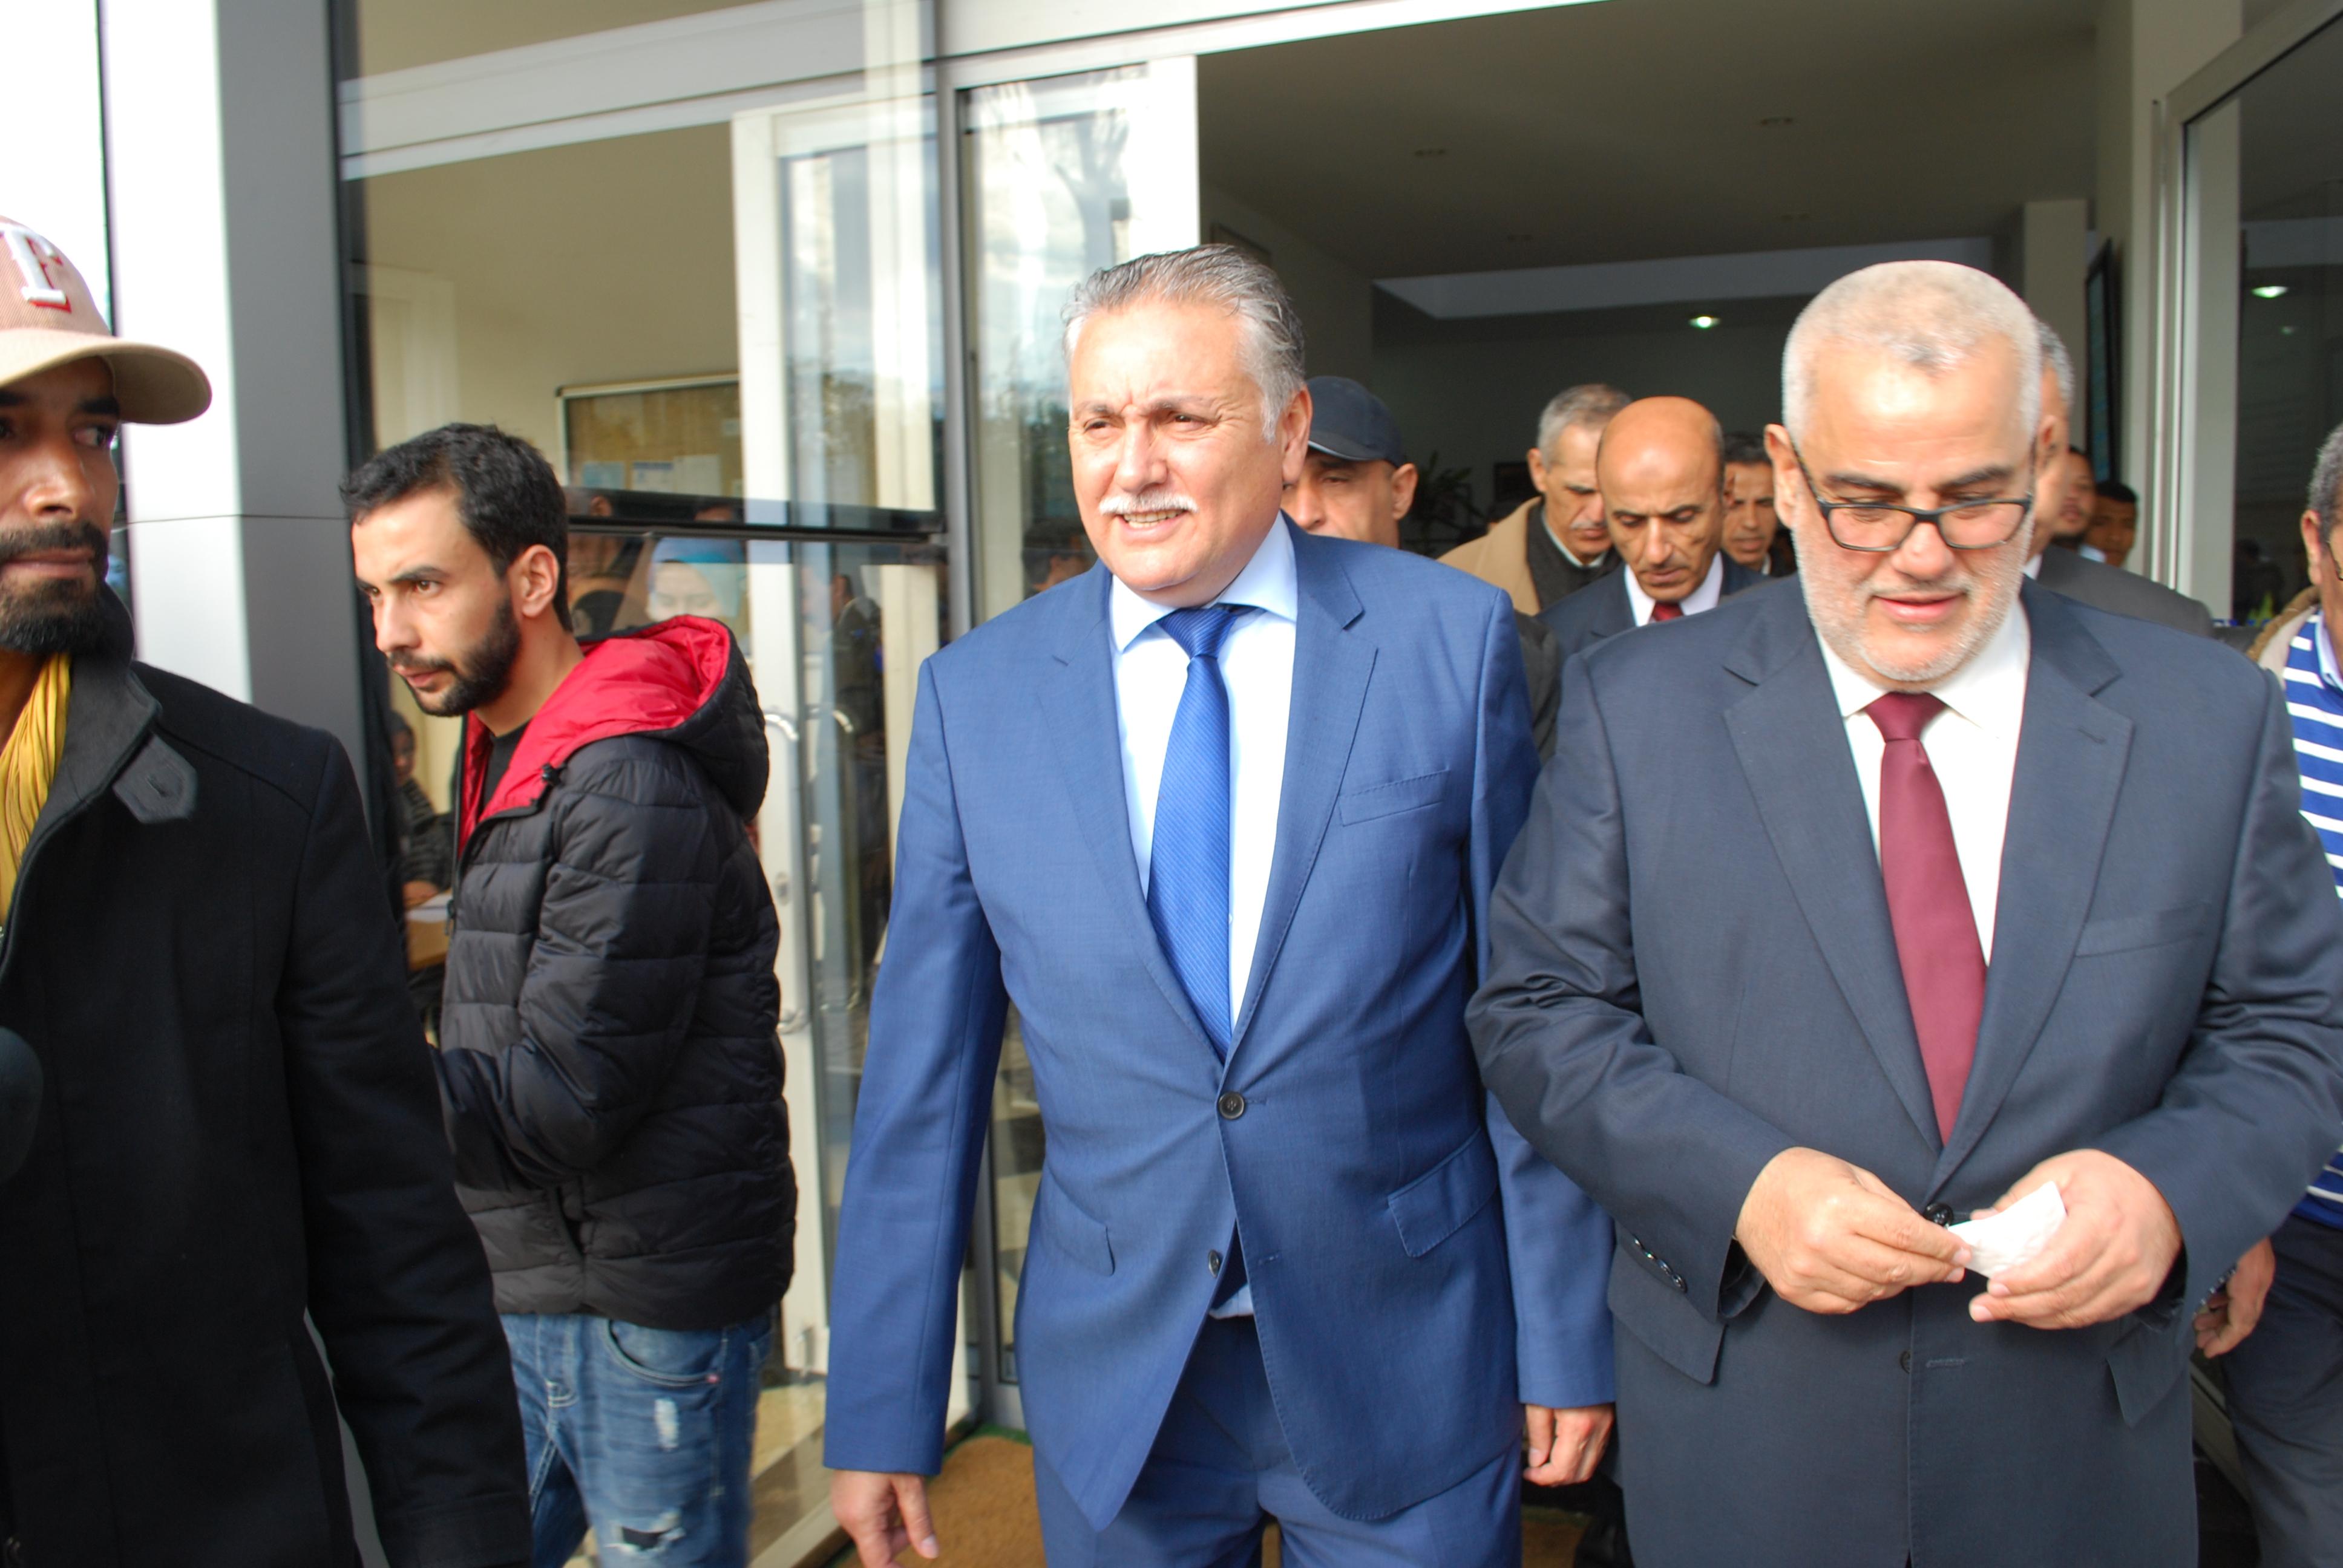 نبيل بنعبد الله وبن كيران ووزراء يفتتحون الجامعة الشتوية لحزب التقدم والاشتراكية